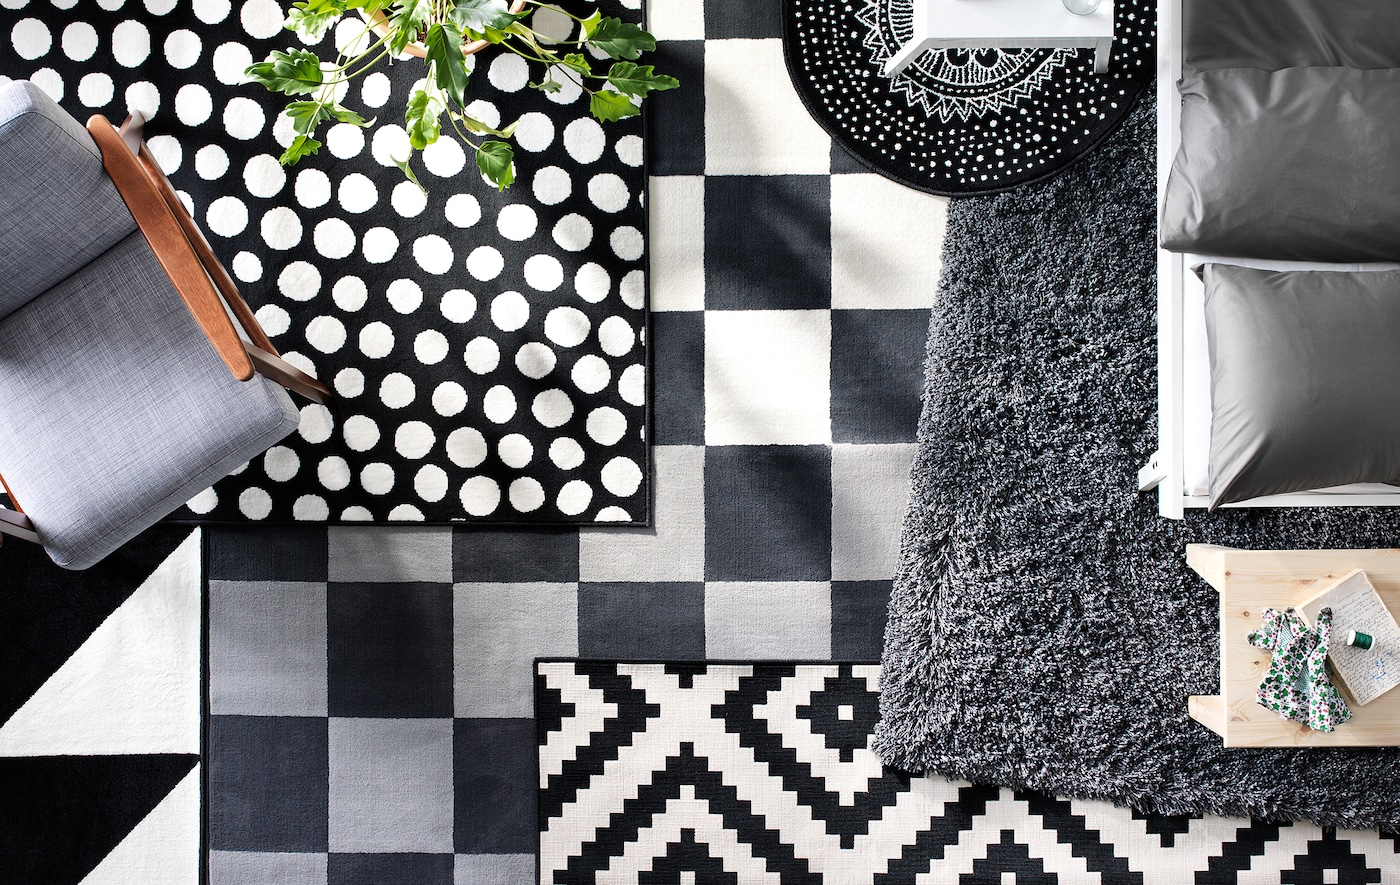 Bovenaanzicht van zwart-witte vloerkleden met verschillende texturen en motieven op de grond in een woonkamer